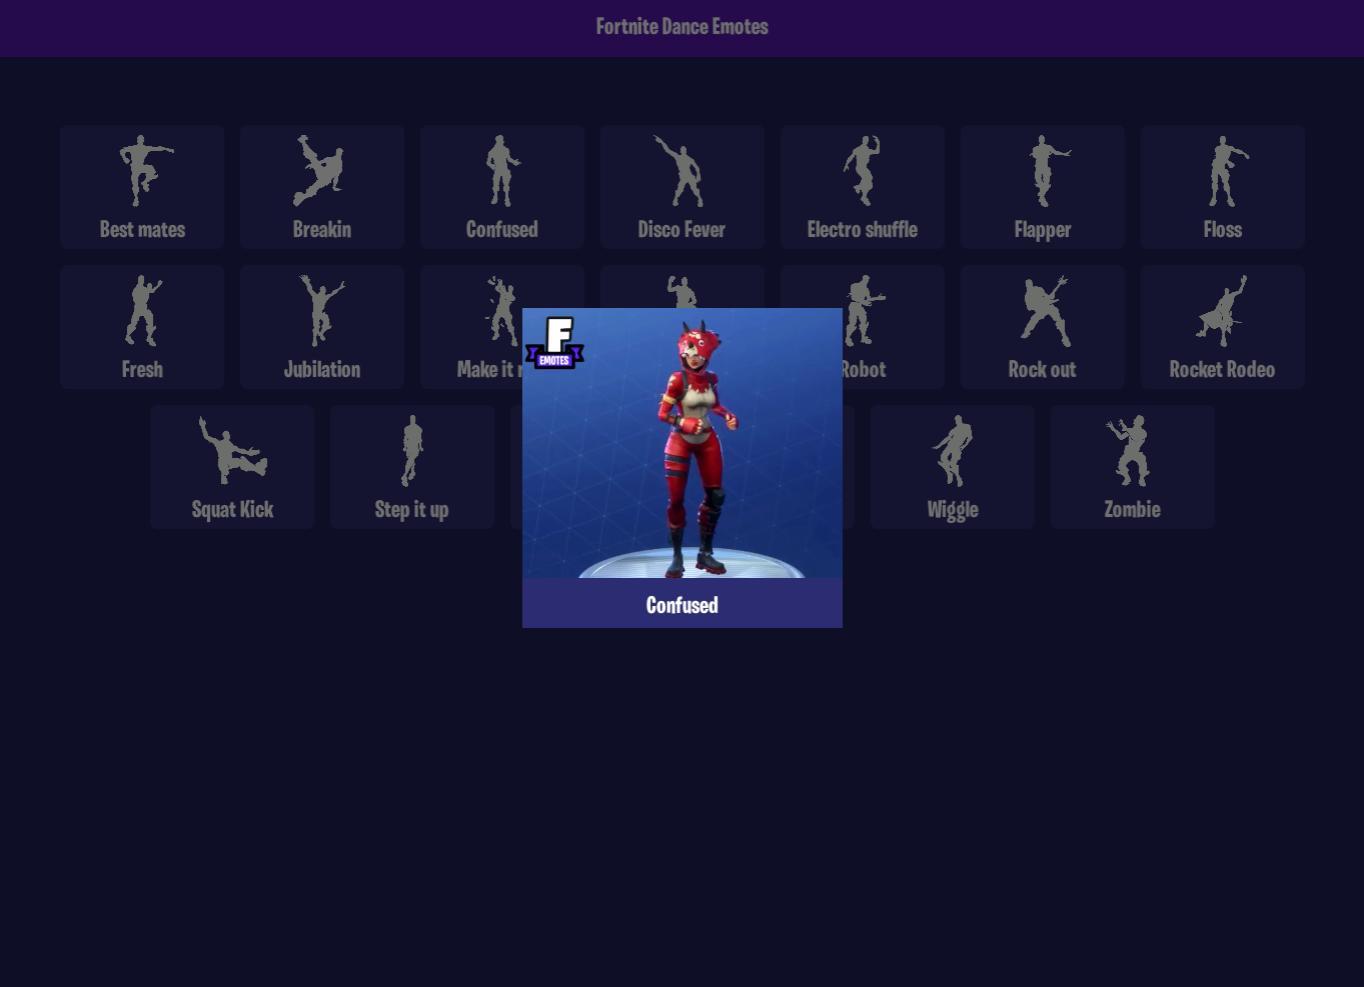 Fortnite Eagle Emote Dance Emotes For Fortnite For Android Apk Download